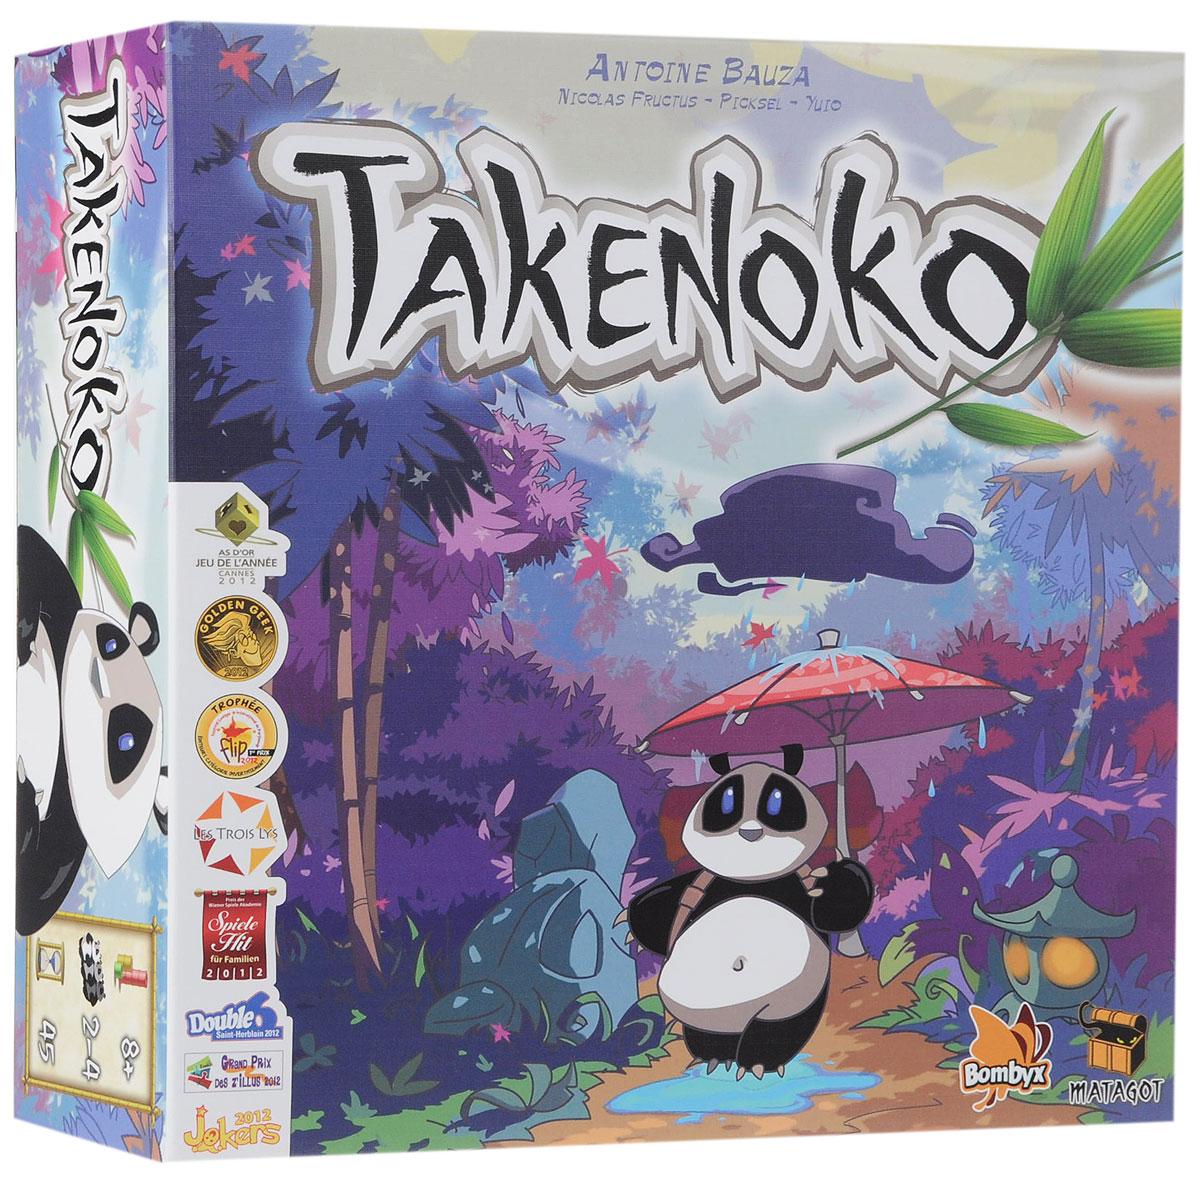 Matagot Настольная игра Такеноко3558380013921Настольная игра Matagot Такеноко - игра о японском садоводстве, во время которой игроки ухаживают за небольшими участками земли, выращивая три сорта бамбука: зеленый, желтый и розовый. Причем, пластиковый бамбук на самом деле возвышается над игровым полем, поскольку составляется из подобных конструктору фрагментов. Задача, стоящая перед игроками - с помощью императорского садовника держать плантацию бамбука в порядке для почетного гостя, дипломатического подарка, прибывшего из Китая, прожорливой большой панды. Чтобы утолять голод этого священного животного, и нужен бамбук. Каждый ход игроки смотрят, какая нынче стоит погода, что задается выпавшей на специальном кубике гранью, а затем по очереди выполняют по два из пяти доступных действий. Можно подготовить под бамбук еще один участок земли, примкнув к сложившемуся игровому полю новый шестиугольник; подвести к участкам воду, положив палочку синего цвета на границу между двумя шестиугольниками земли;...